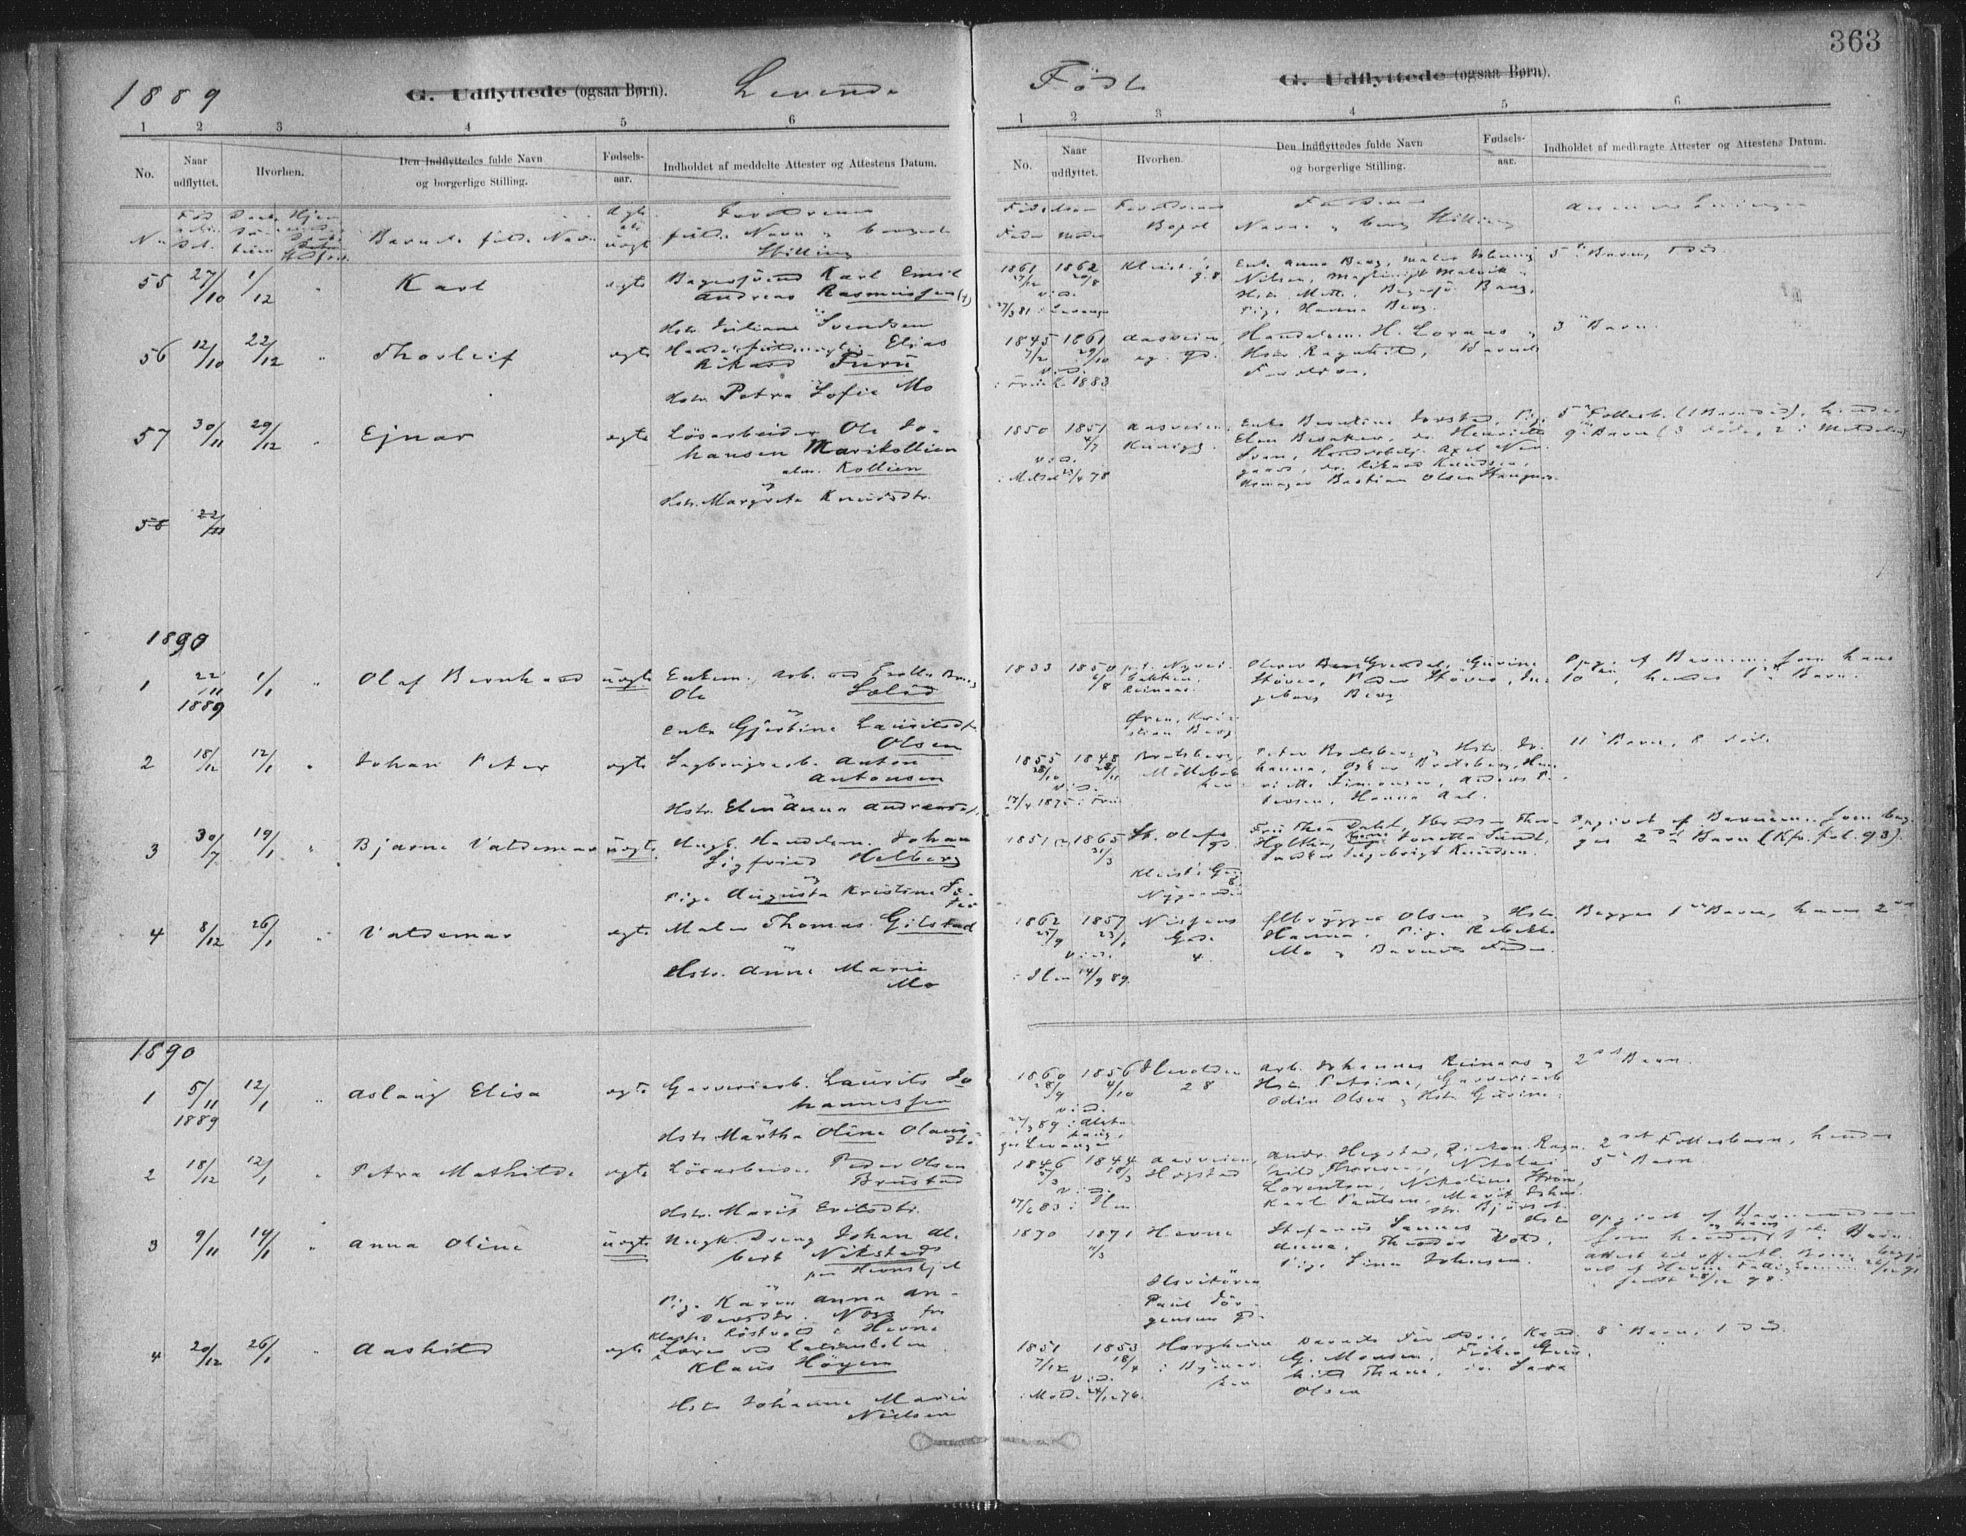 SAT, Ministerialprotokoller, klokkerbøker og fødselsregistre - Sør-Trøndelag, 603/L0163: Ministerialbok nr. 603A02, 1879-1895, s. 363